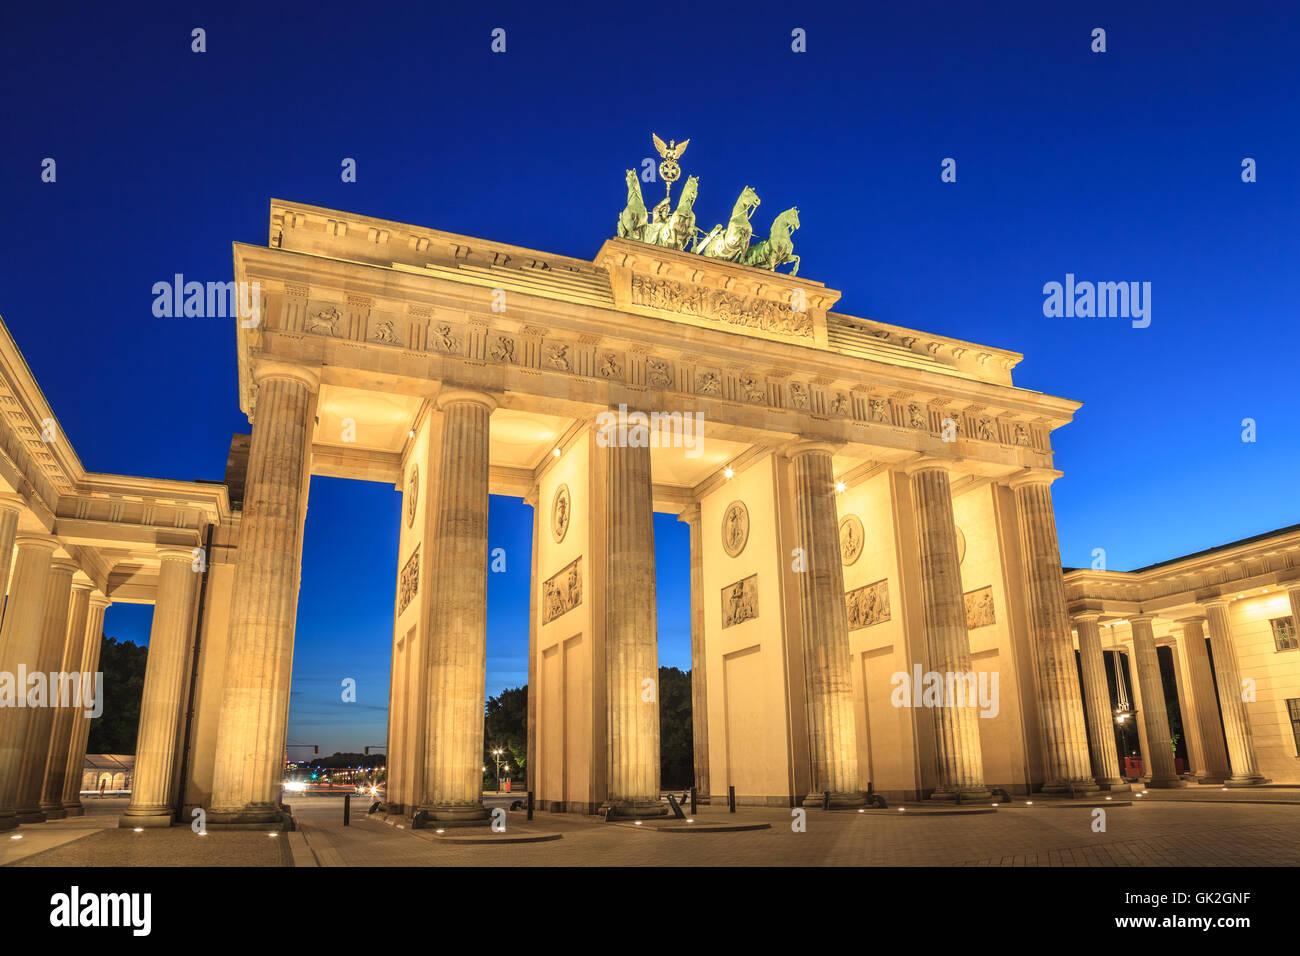 La Porta di Brandeburgo a Berlino la notte, Germania Immagini Stock